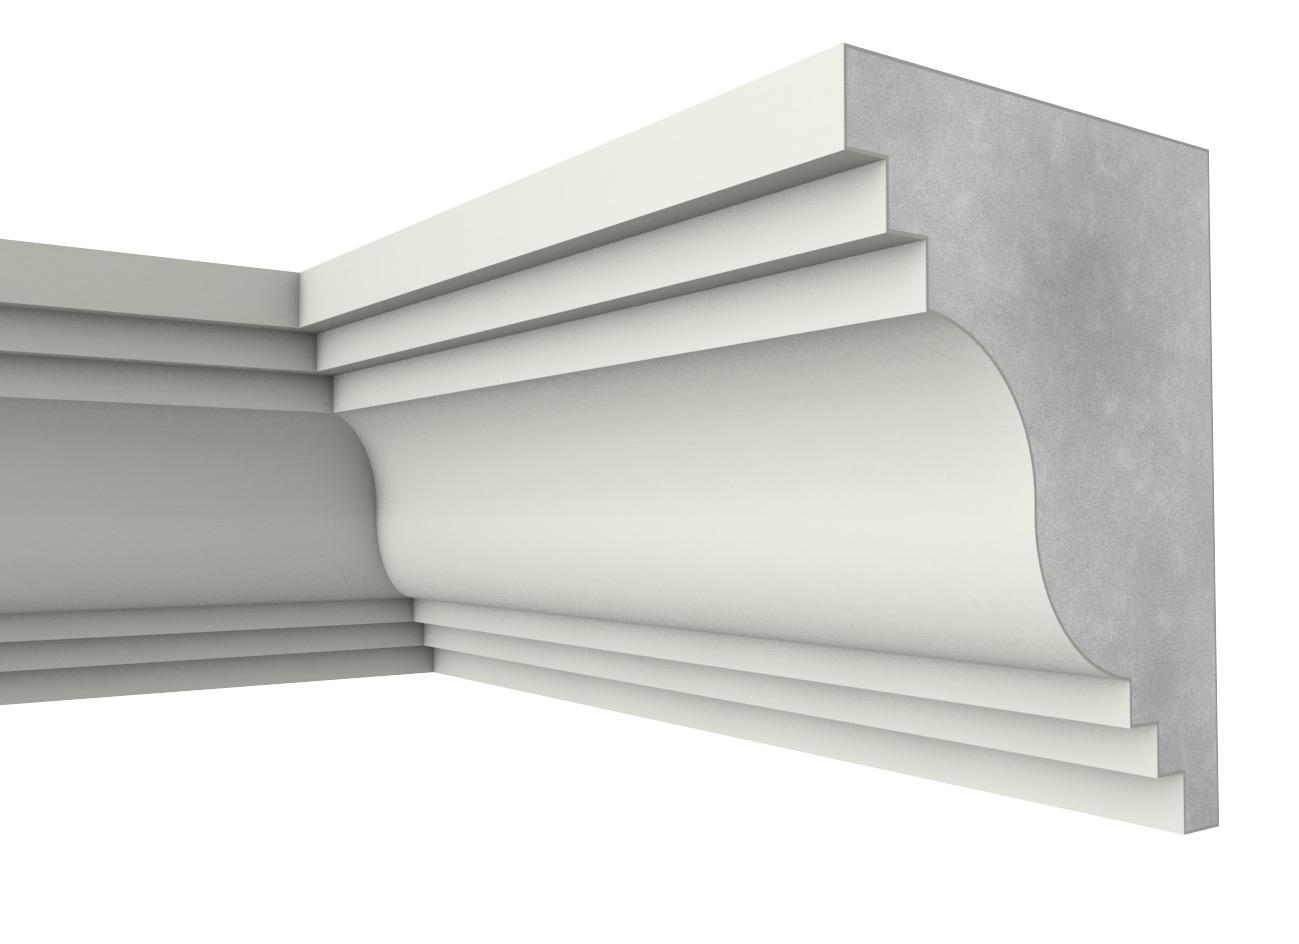 Sg 40 - Cornicione e sottogronda in polistirene spalmato con graniglie - Decorget - Ital Decori